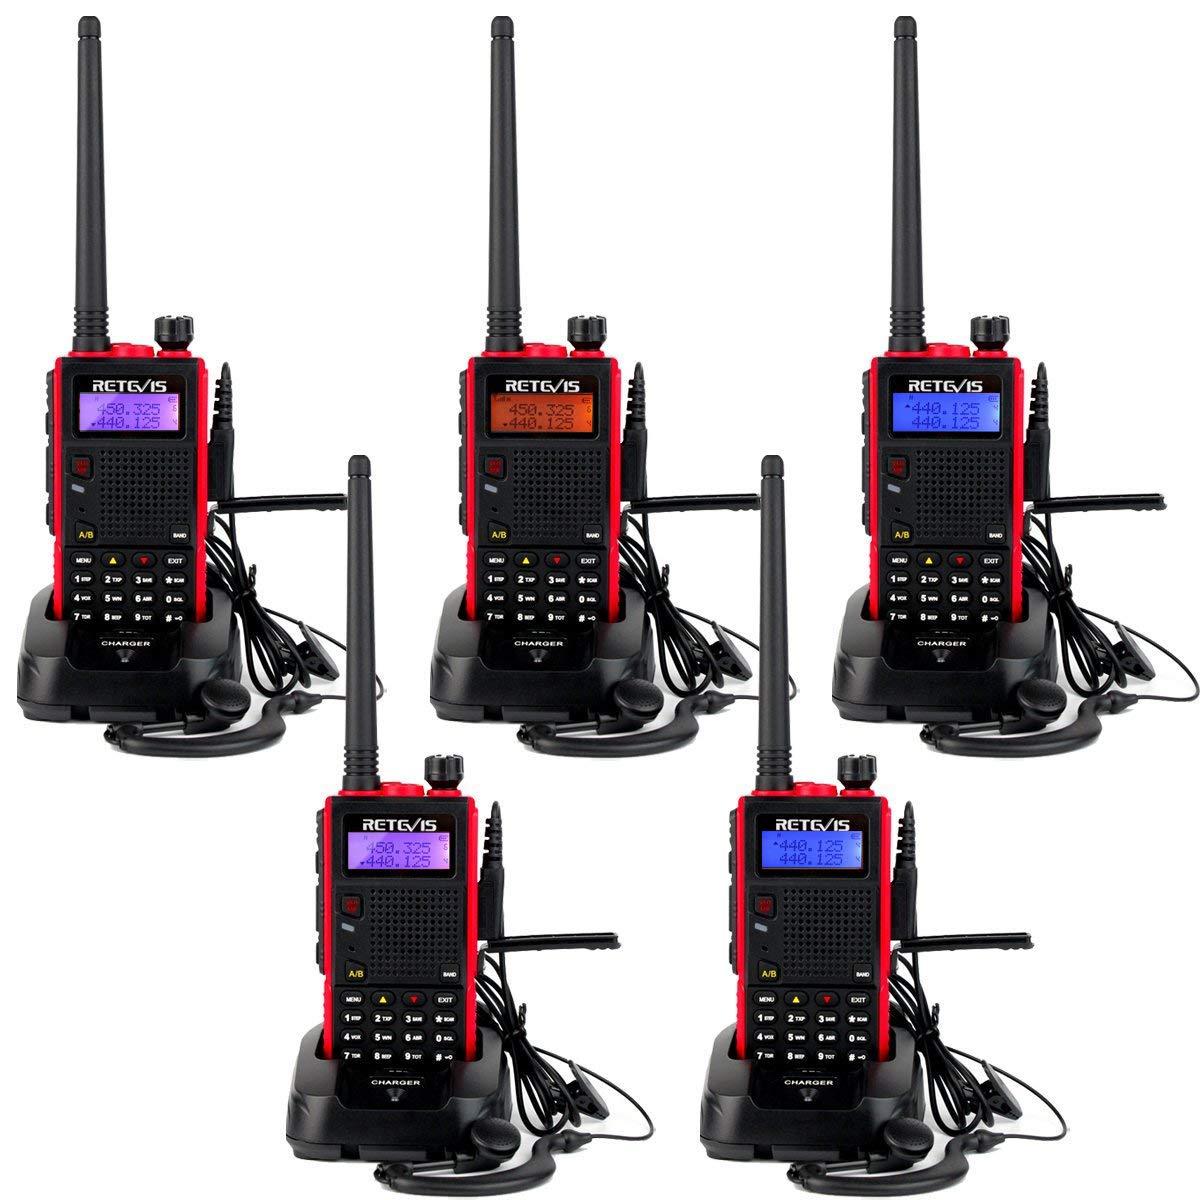 Retevis RT5 Walkie Talkie Banda Dual Auriculares Largo Alcance 128 Canales Cargador Europeo CTCSS DCS Radio FM Monitor VOX Función Escanear y Alarma ...